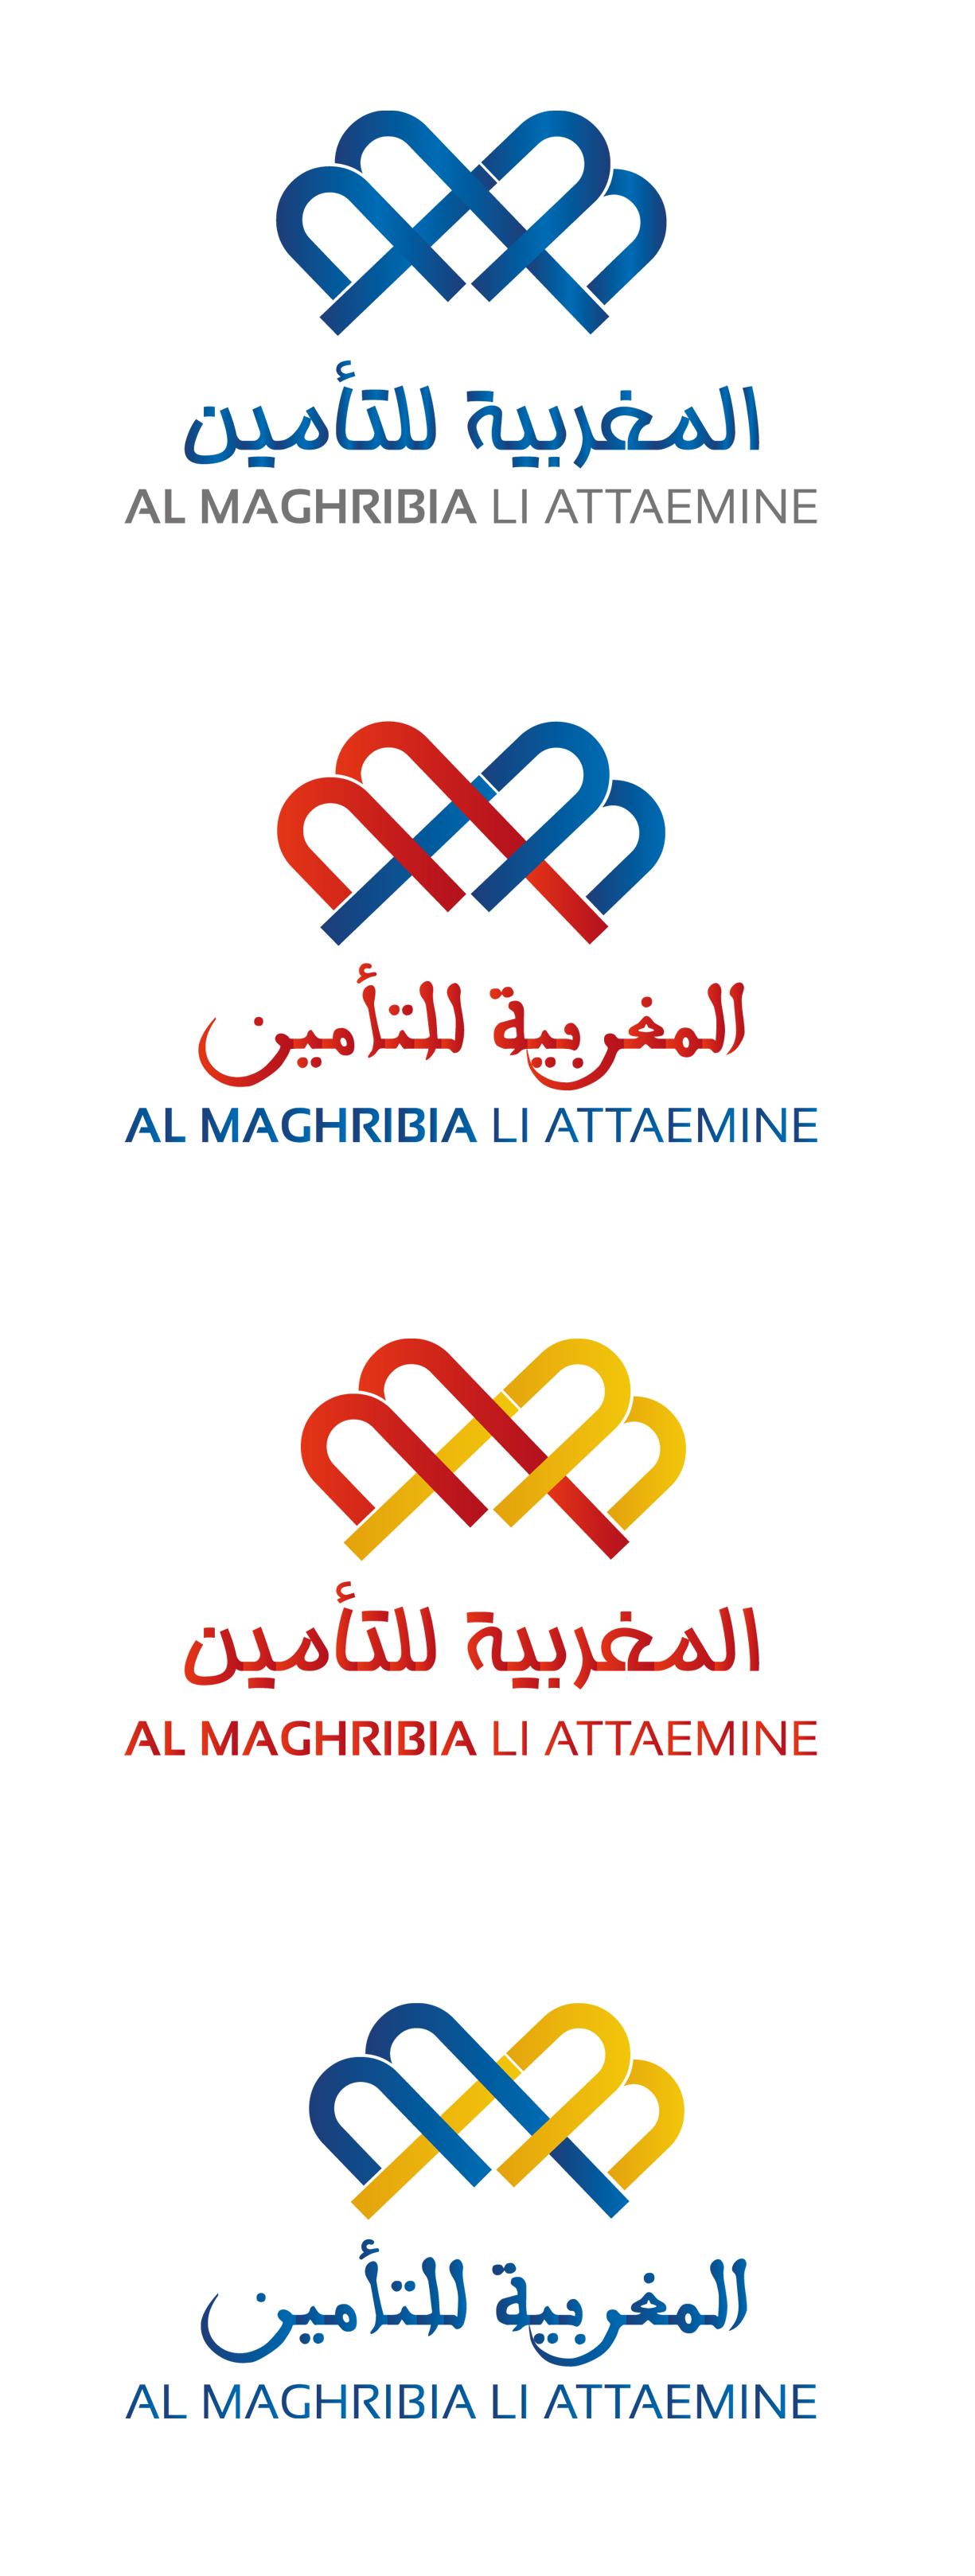 تصميم لوجو لشركة المغربية للتأمين